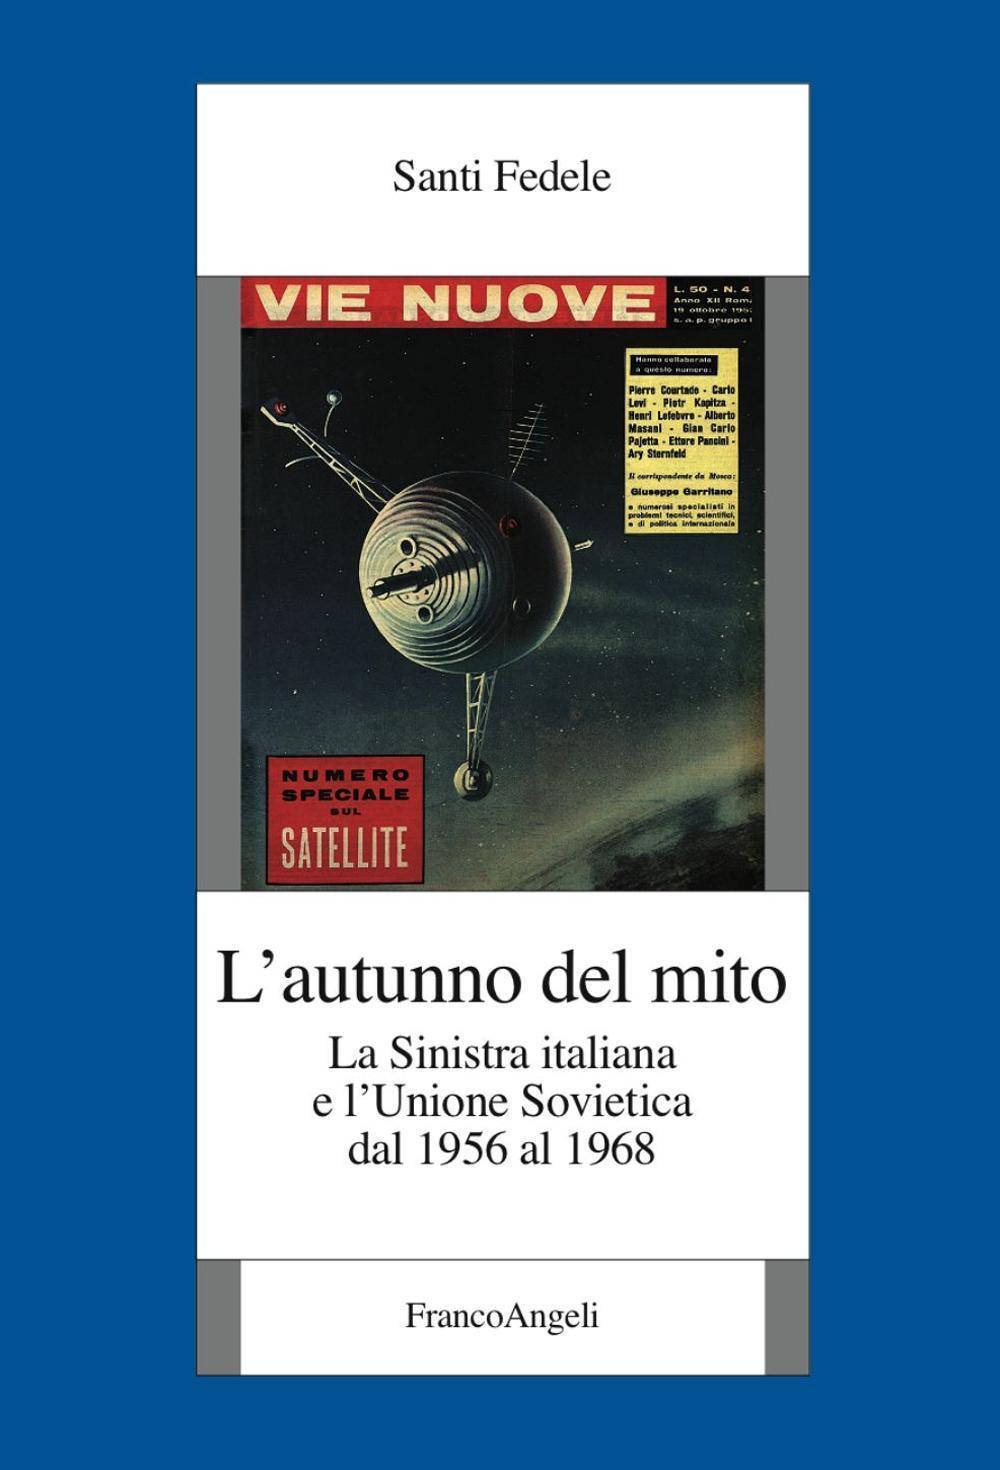 L' autunno del mito. La sinistra italiana e l'Unione Sovietica dal 1956 al 1968